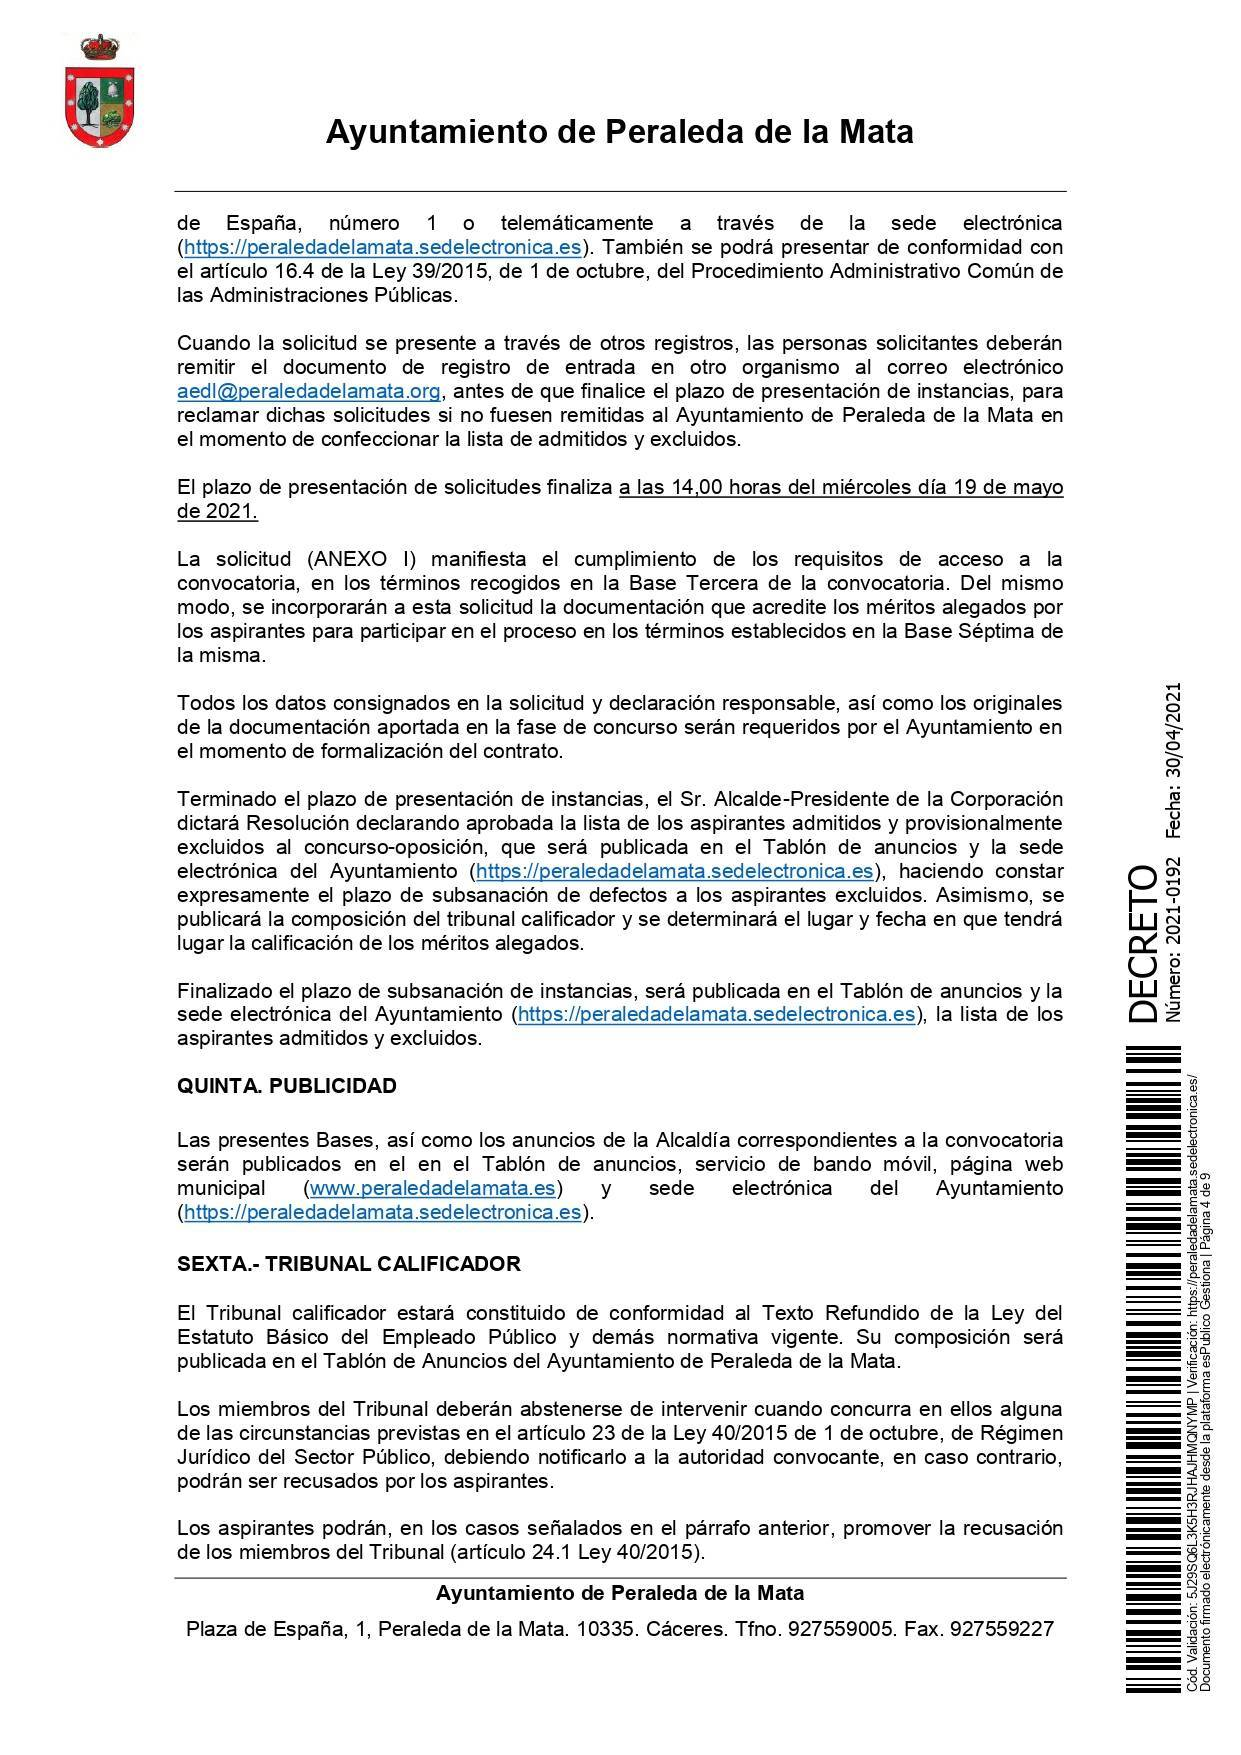 2 socorristas para la piscina municipal (2021) - Peraleda de la Mata (Cáceres) 4